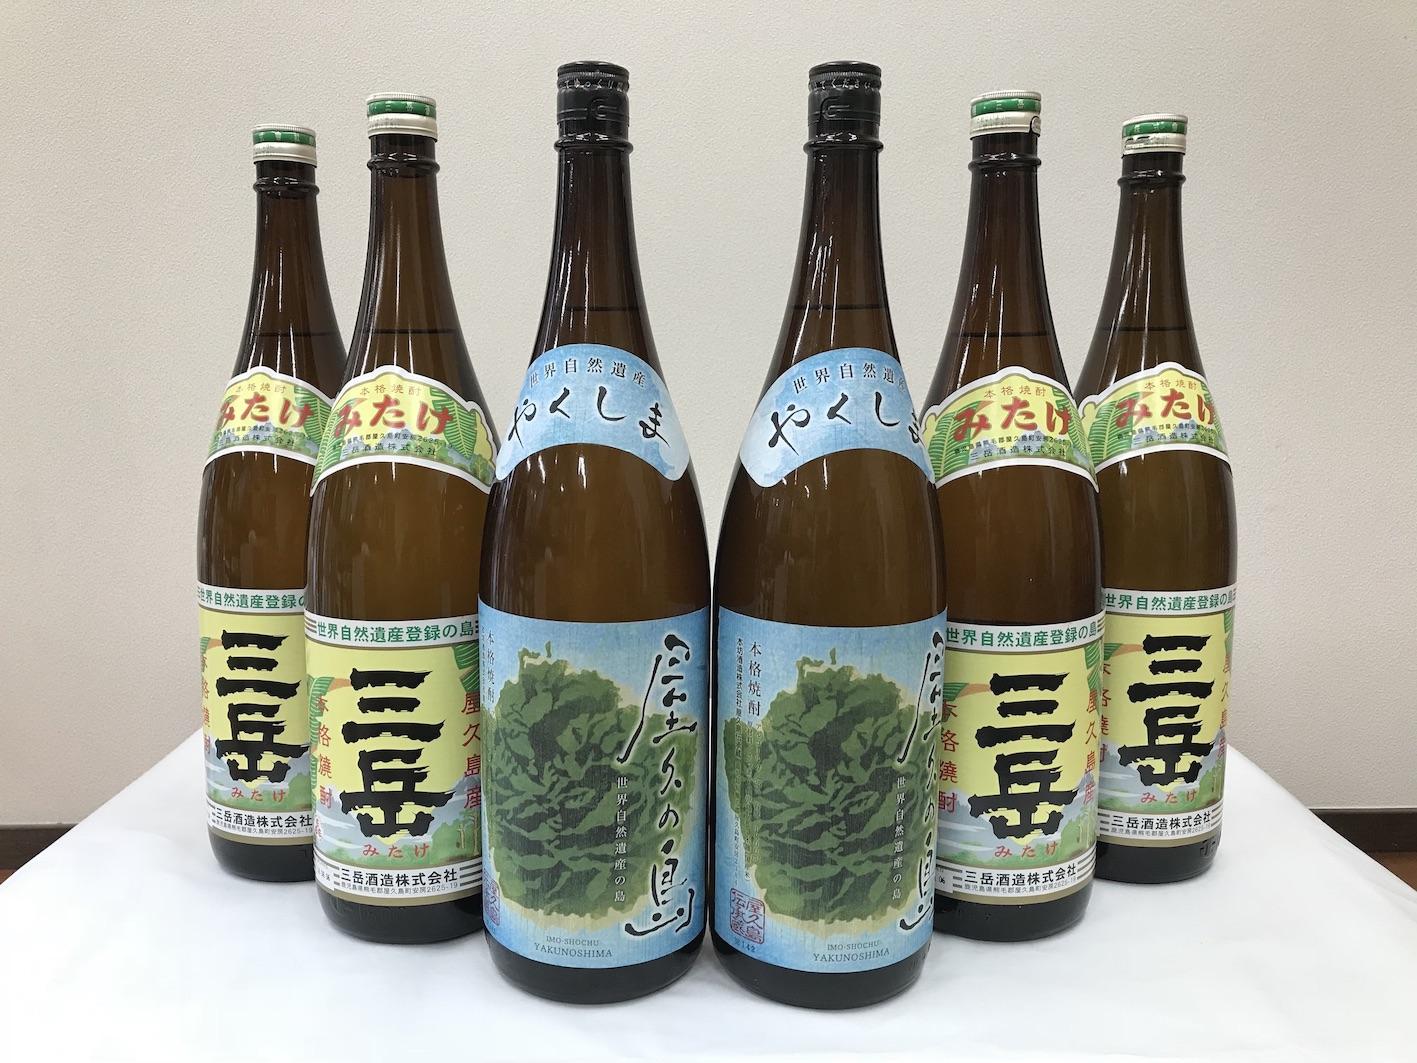 【ふるさと納税】焼酎「三岳」1.8L×4本、「屋久の島」1.8L×2本セット